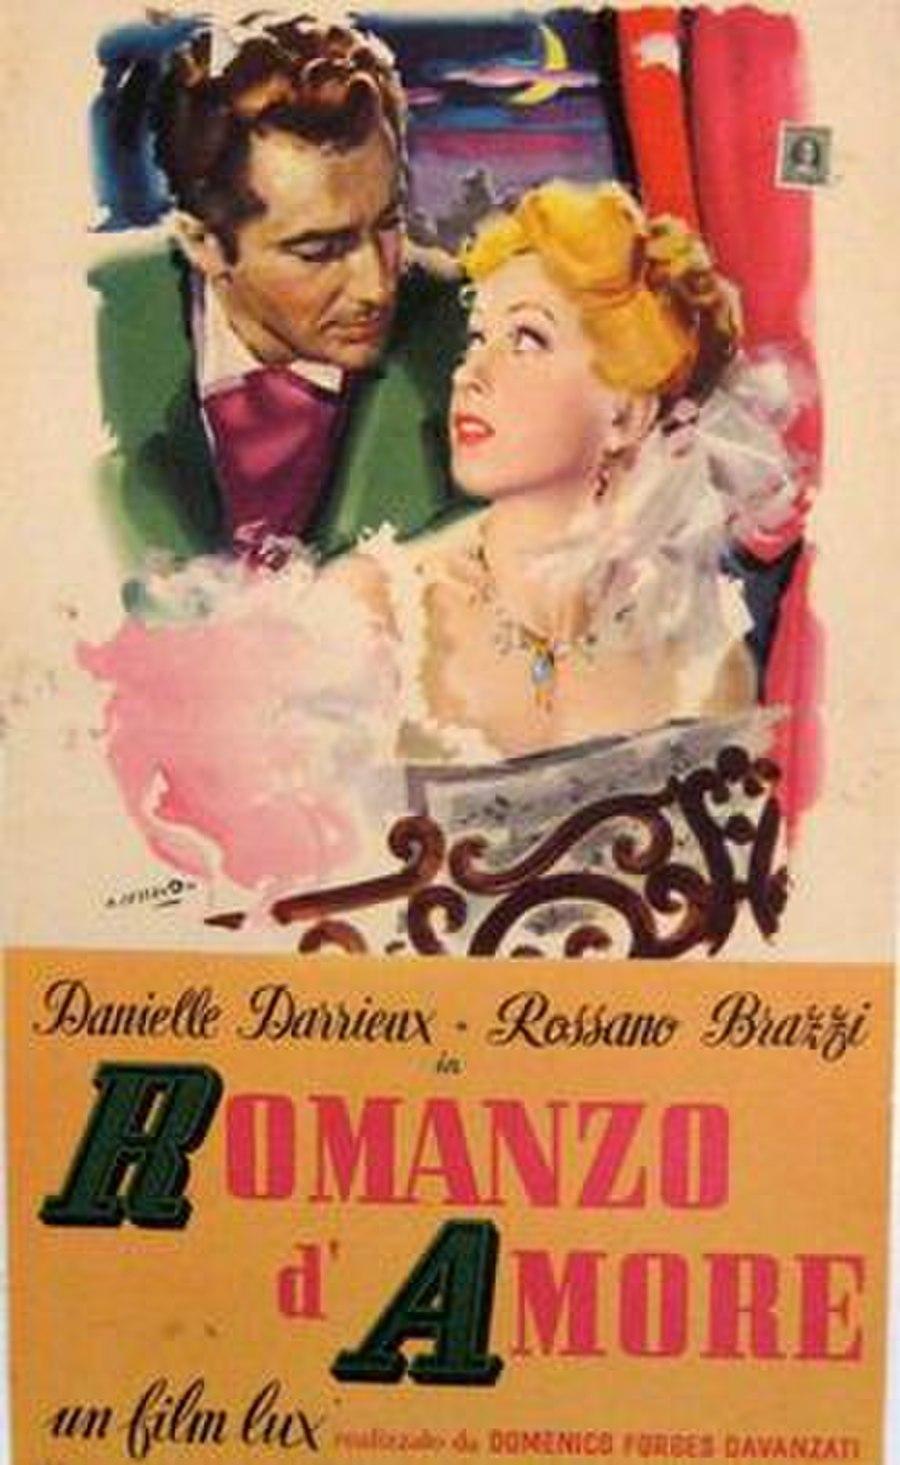 Romanzo damore